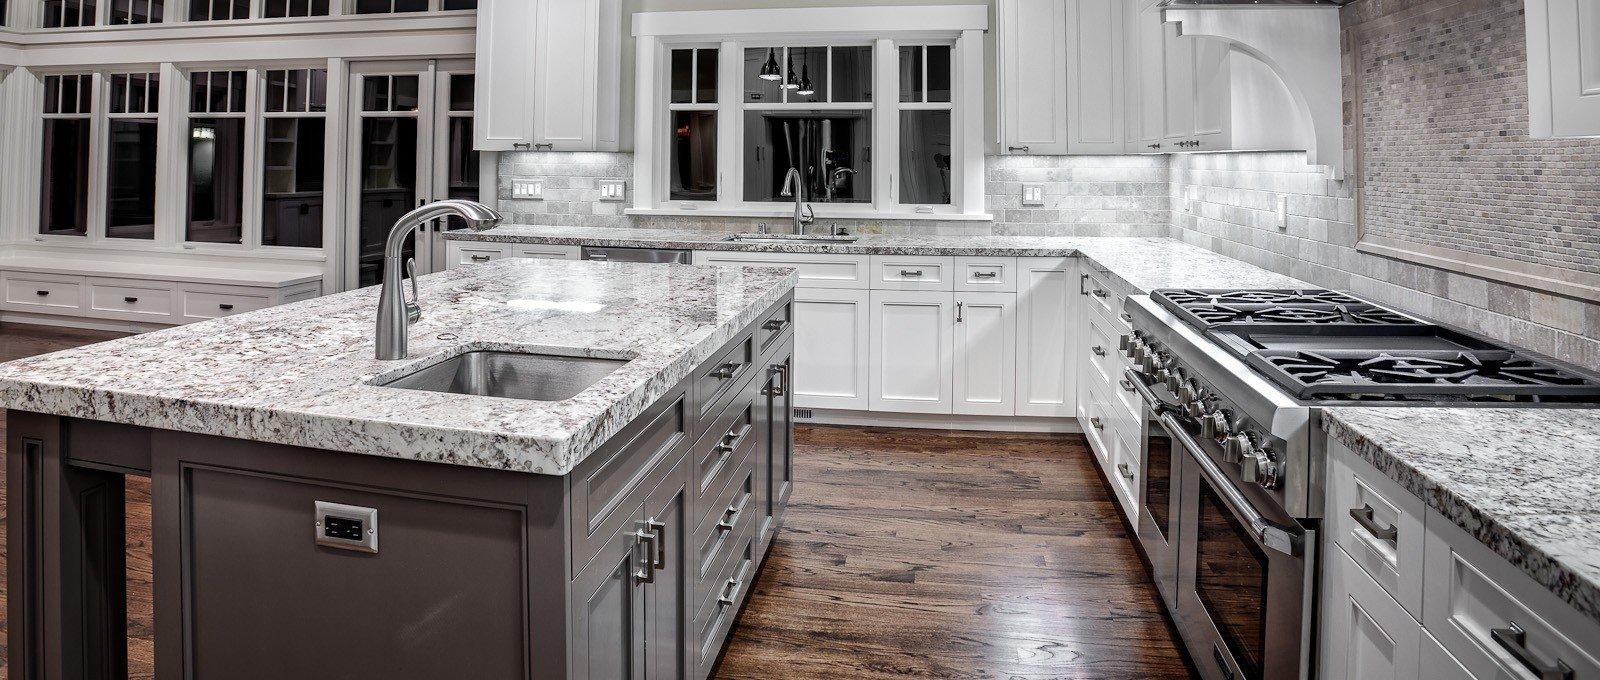 Как выбрать кухонную столешницу - модную но практичную?